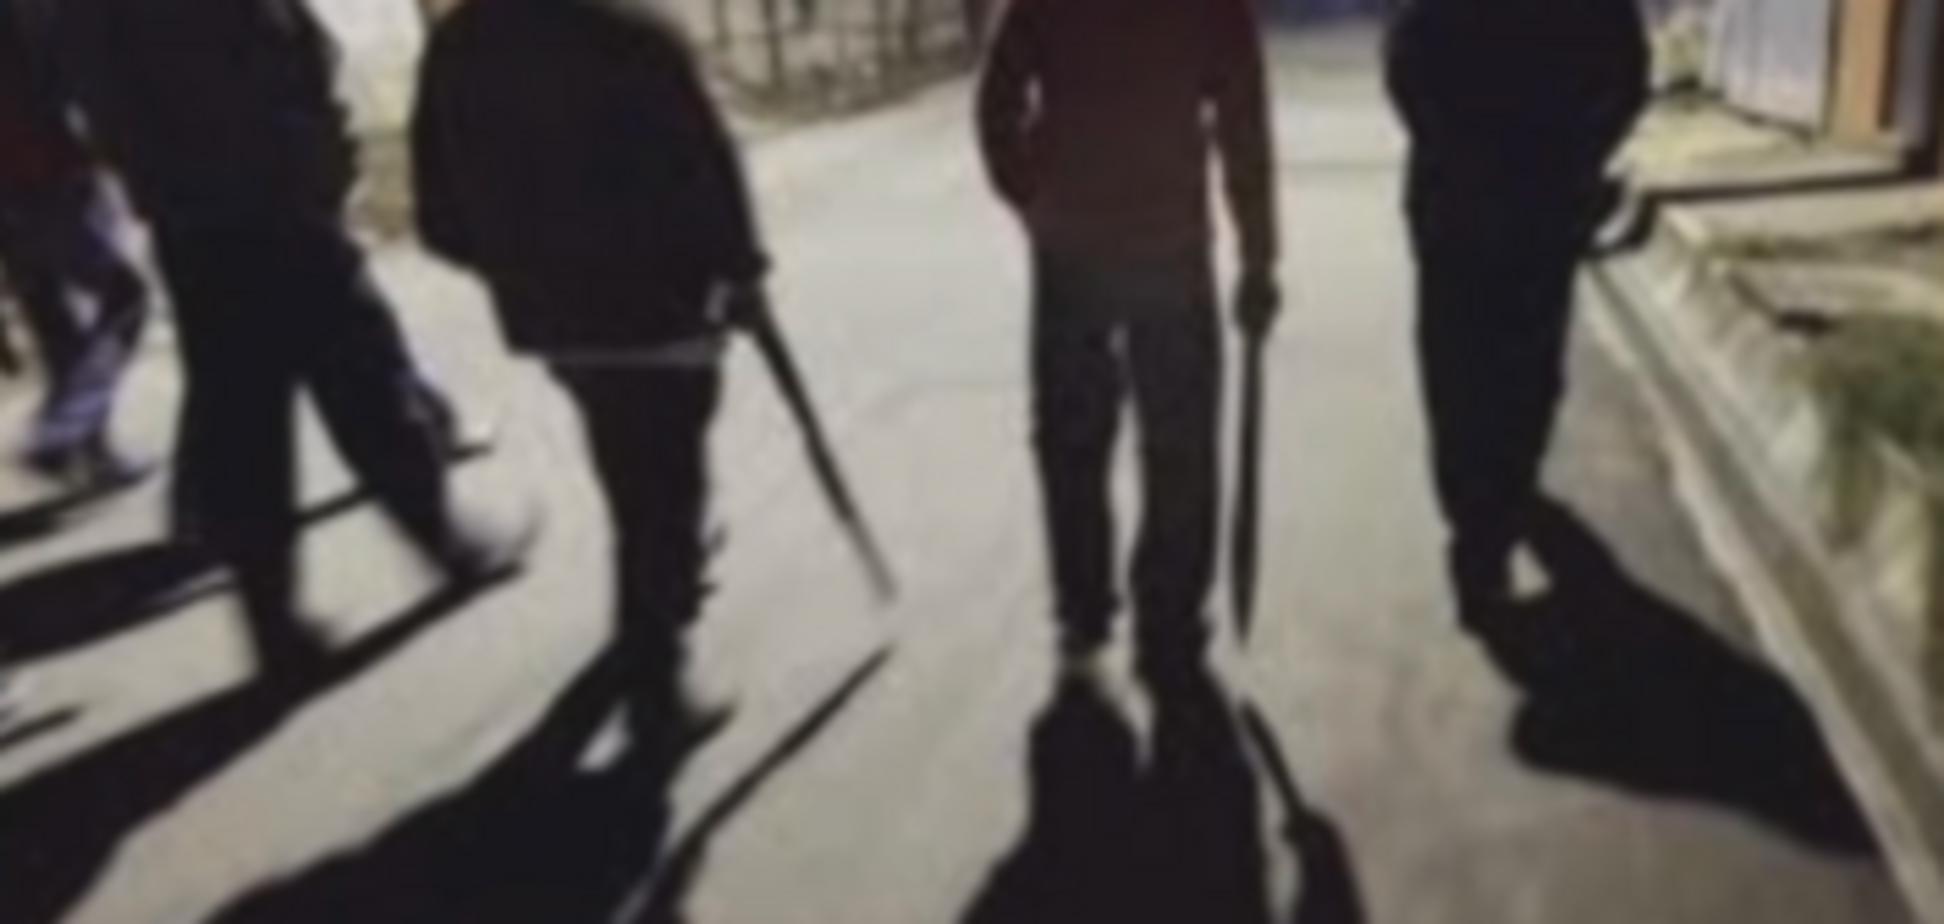 В балаклавах и с битами: на Харьковщине молодчики жестоко избили 6 человек